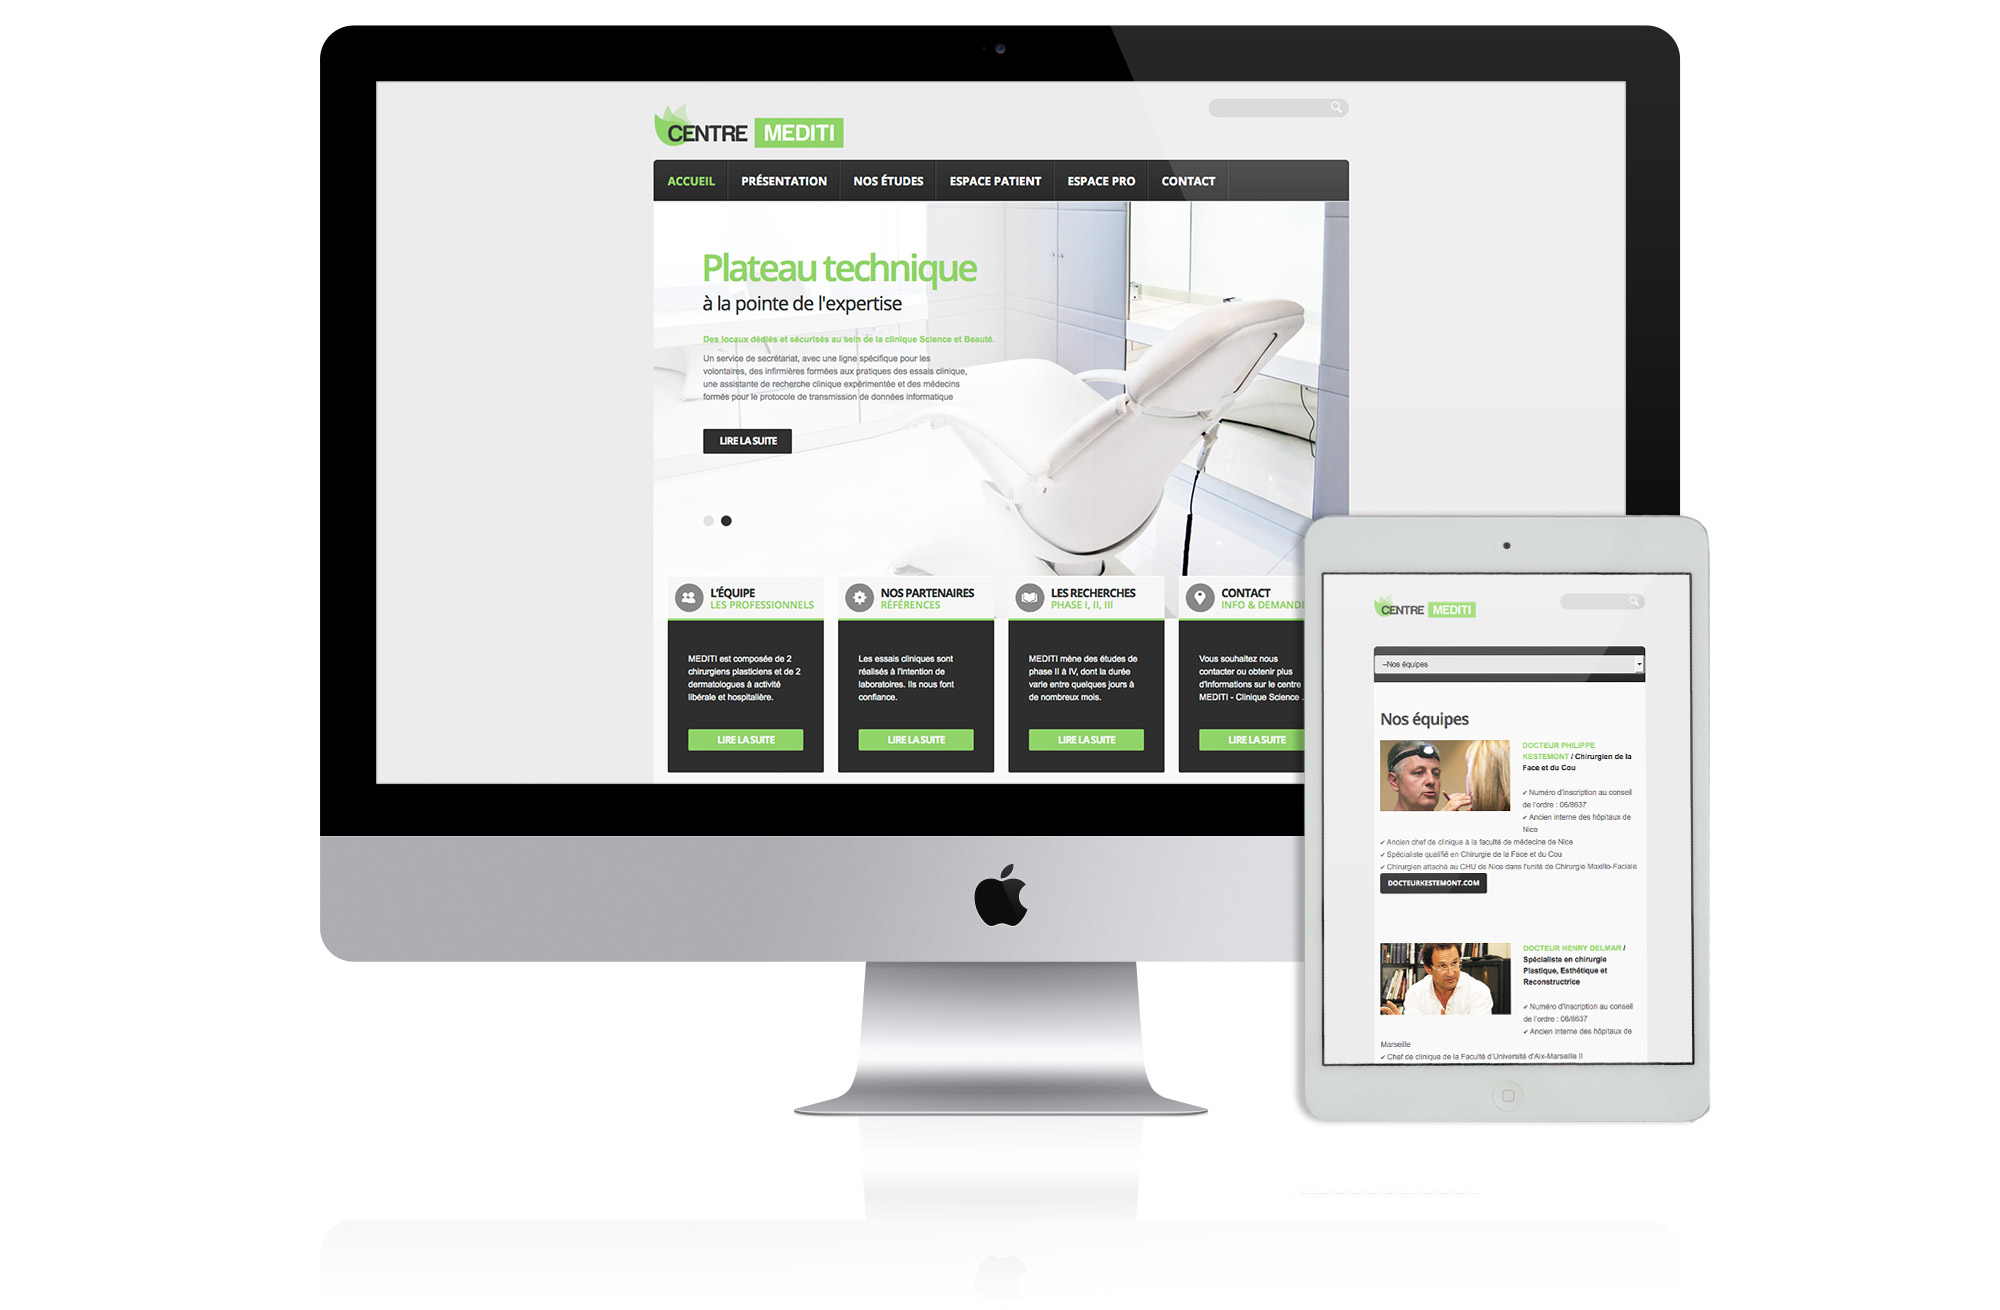 site web établissement santé Mediti